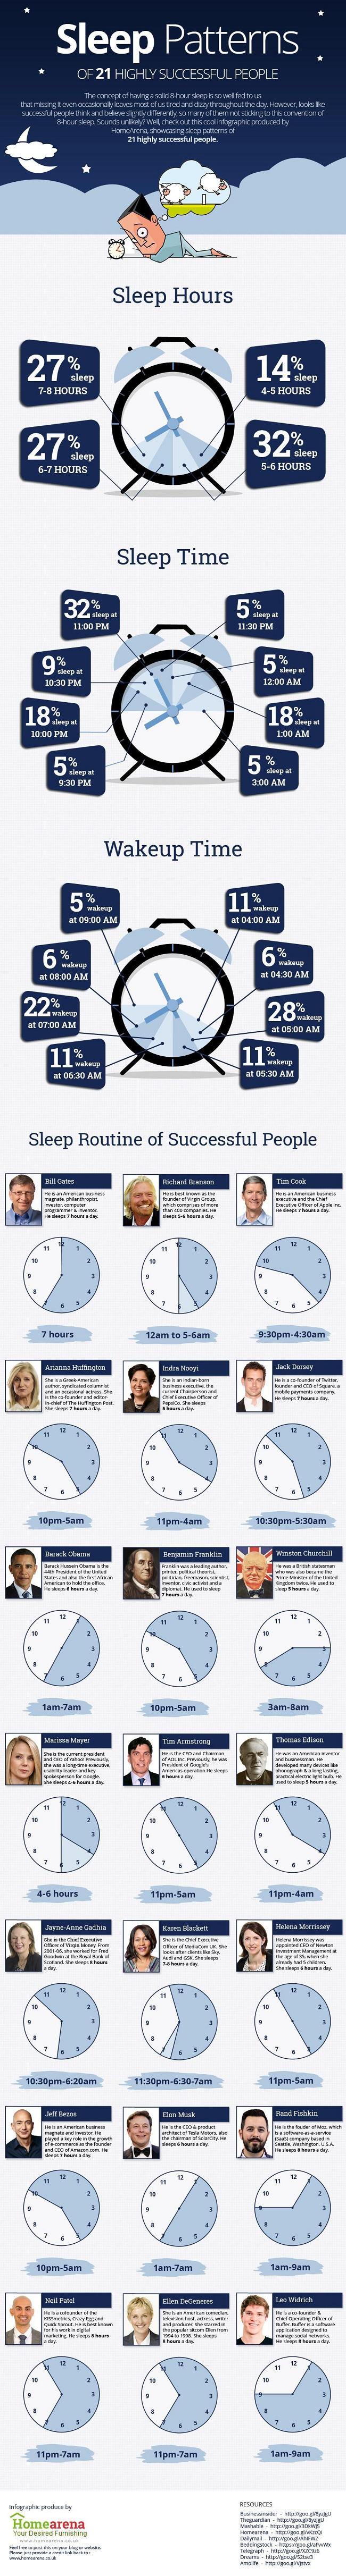 orang sukses tidur 8 jam setiap hari